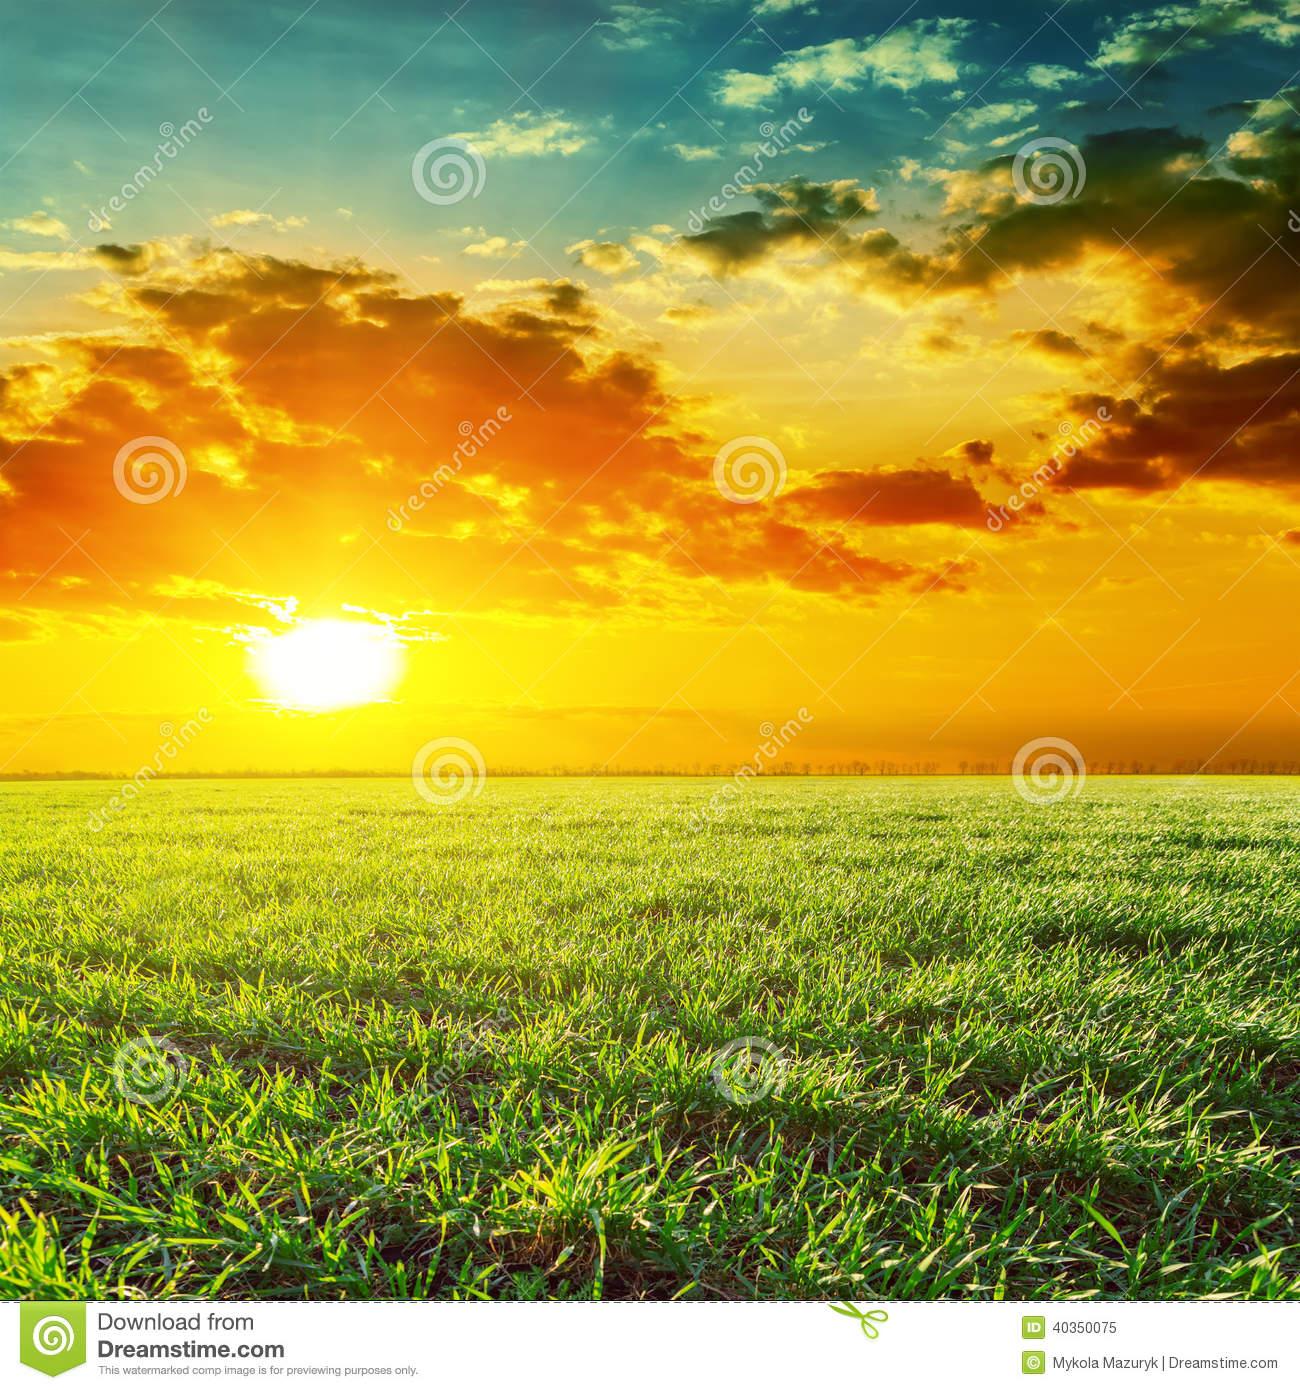 Sunset Grass Field Clipart.